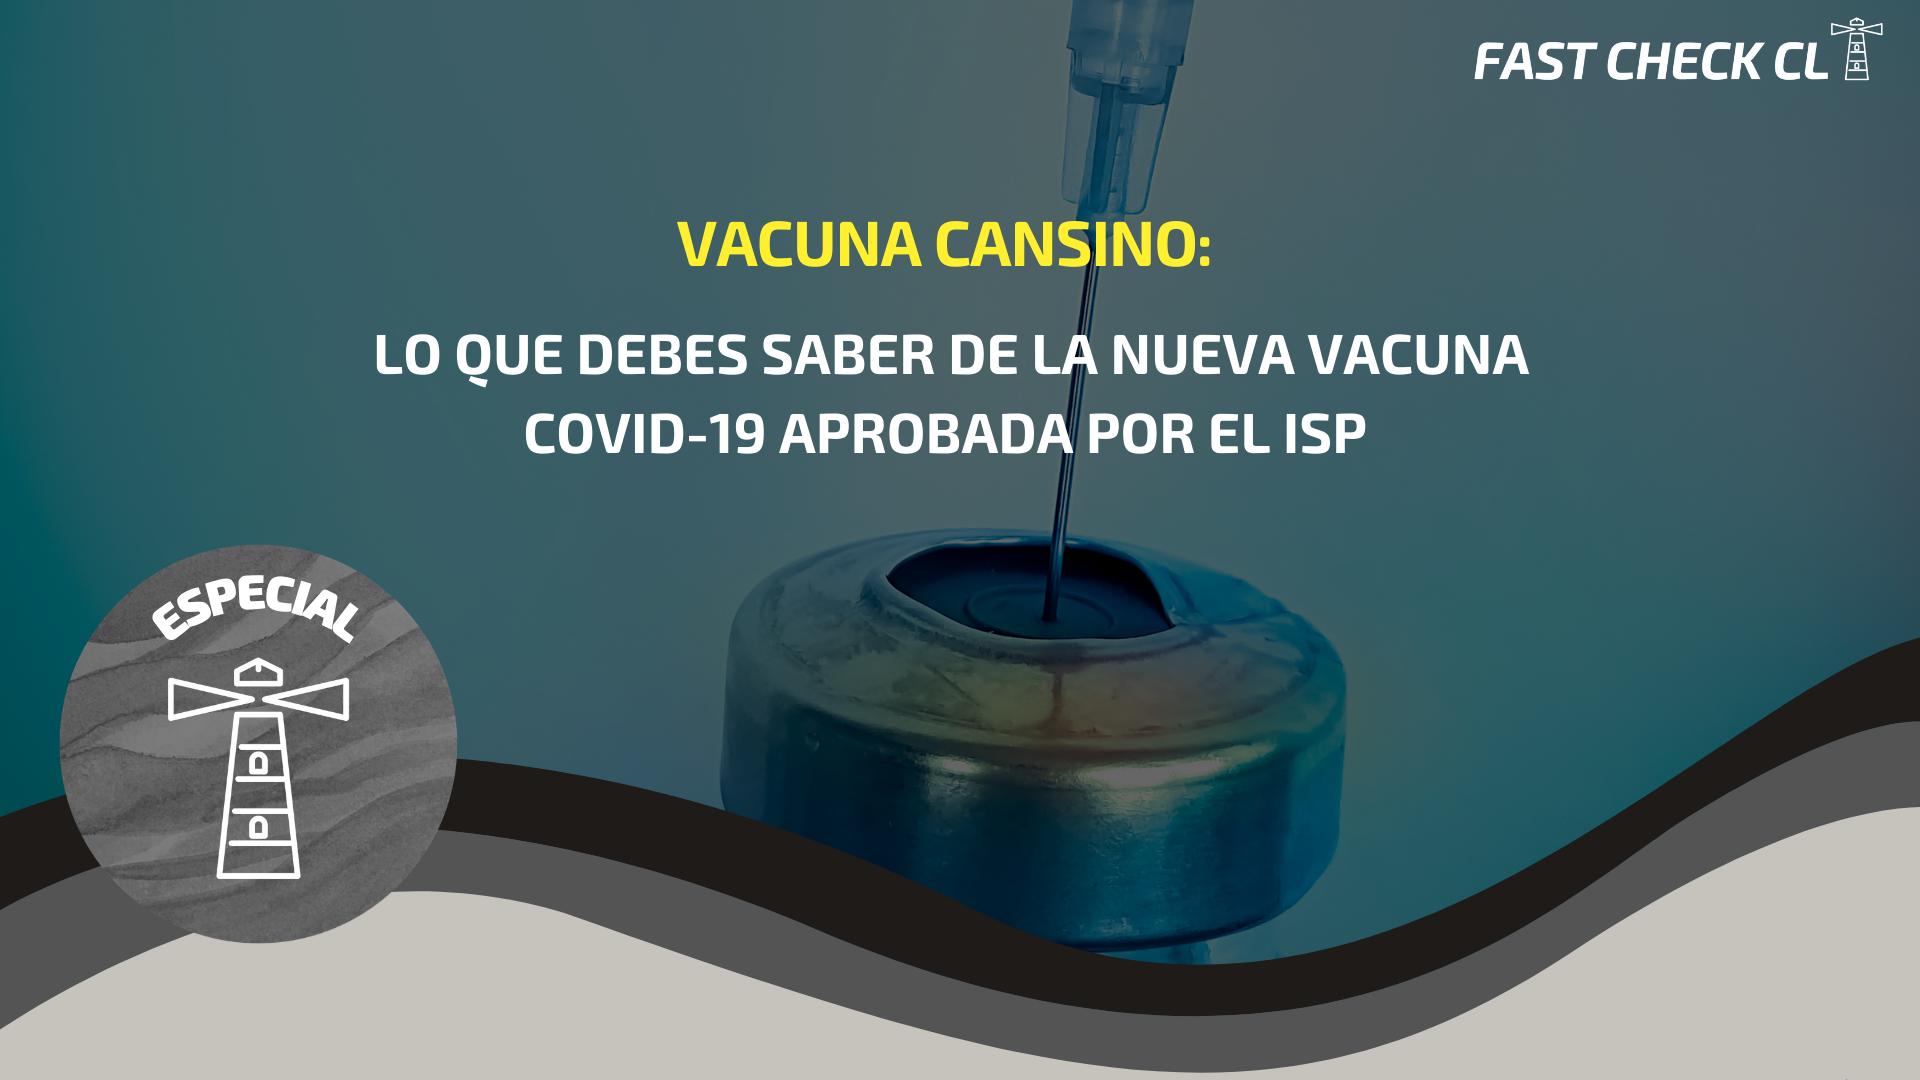 Vacuna CanSino: Lo que debes saber de la nueva vacuna Covid-19 aprobada por el ISP